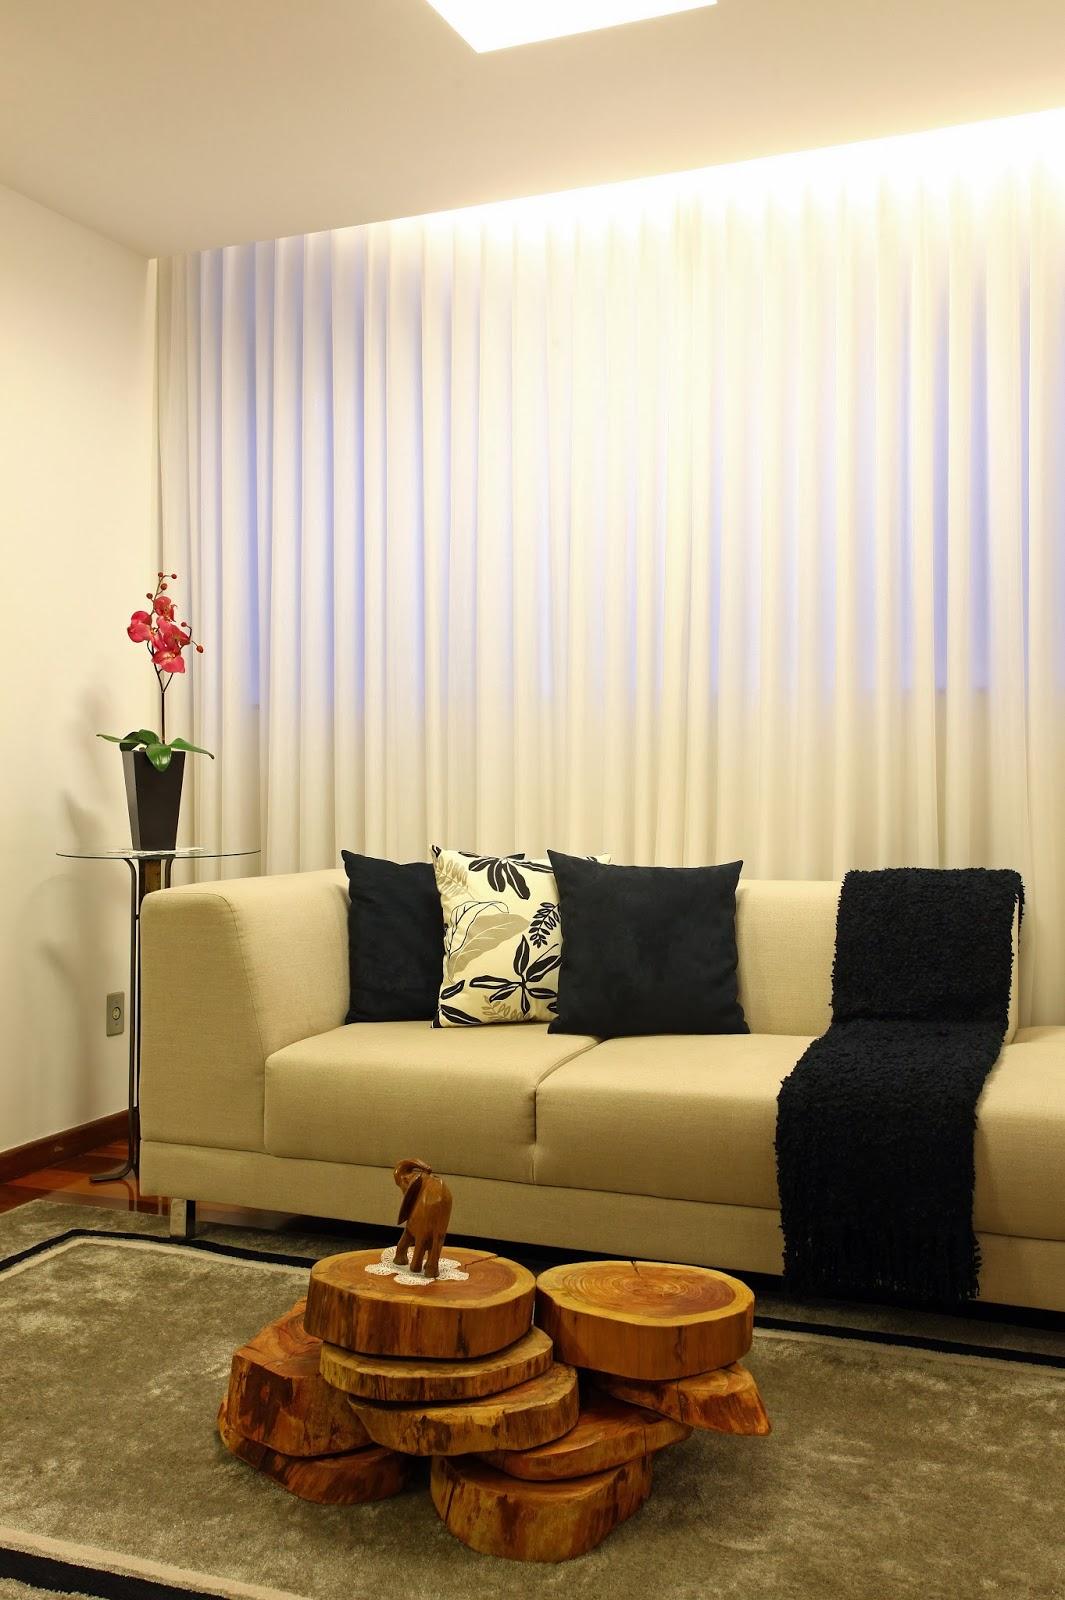 #693F14    SALA ESTAR COM FATIAS DE MADEIRA EMPILHADAS PODENDO SER USADAS DE  1065x1600 px como decorar sala de jantar e estar conjugadas @ bernauer.info Móveis Antigos Novos E Usados Online